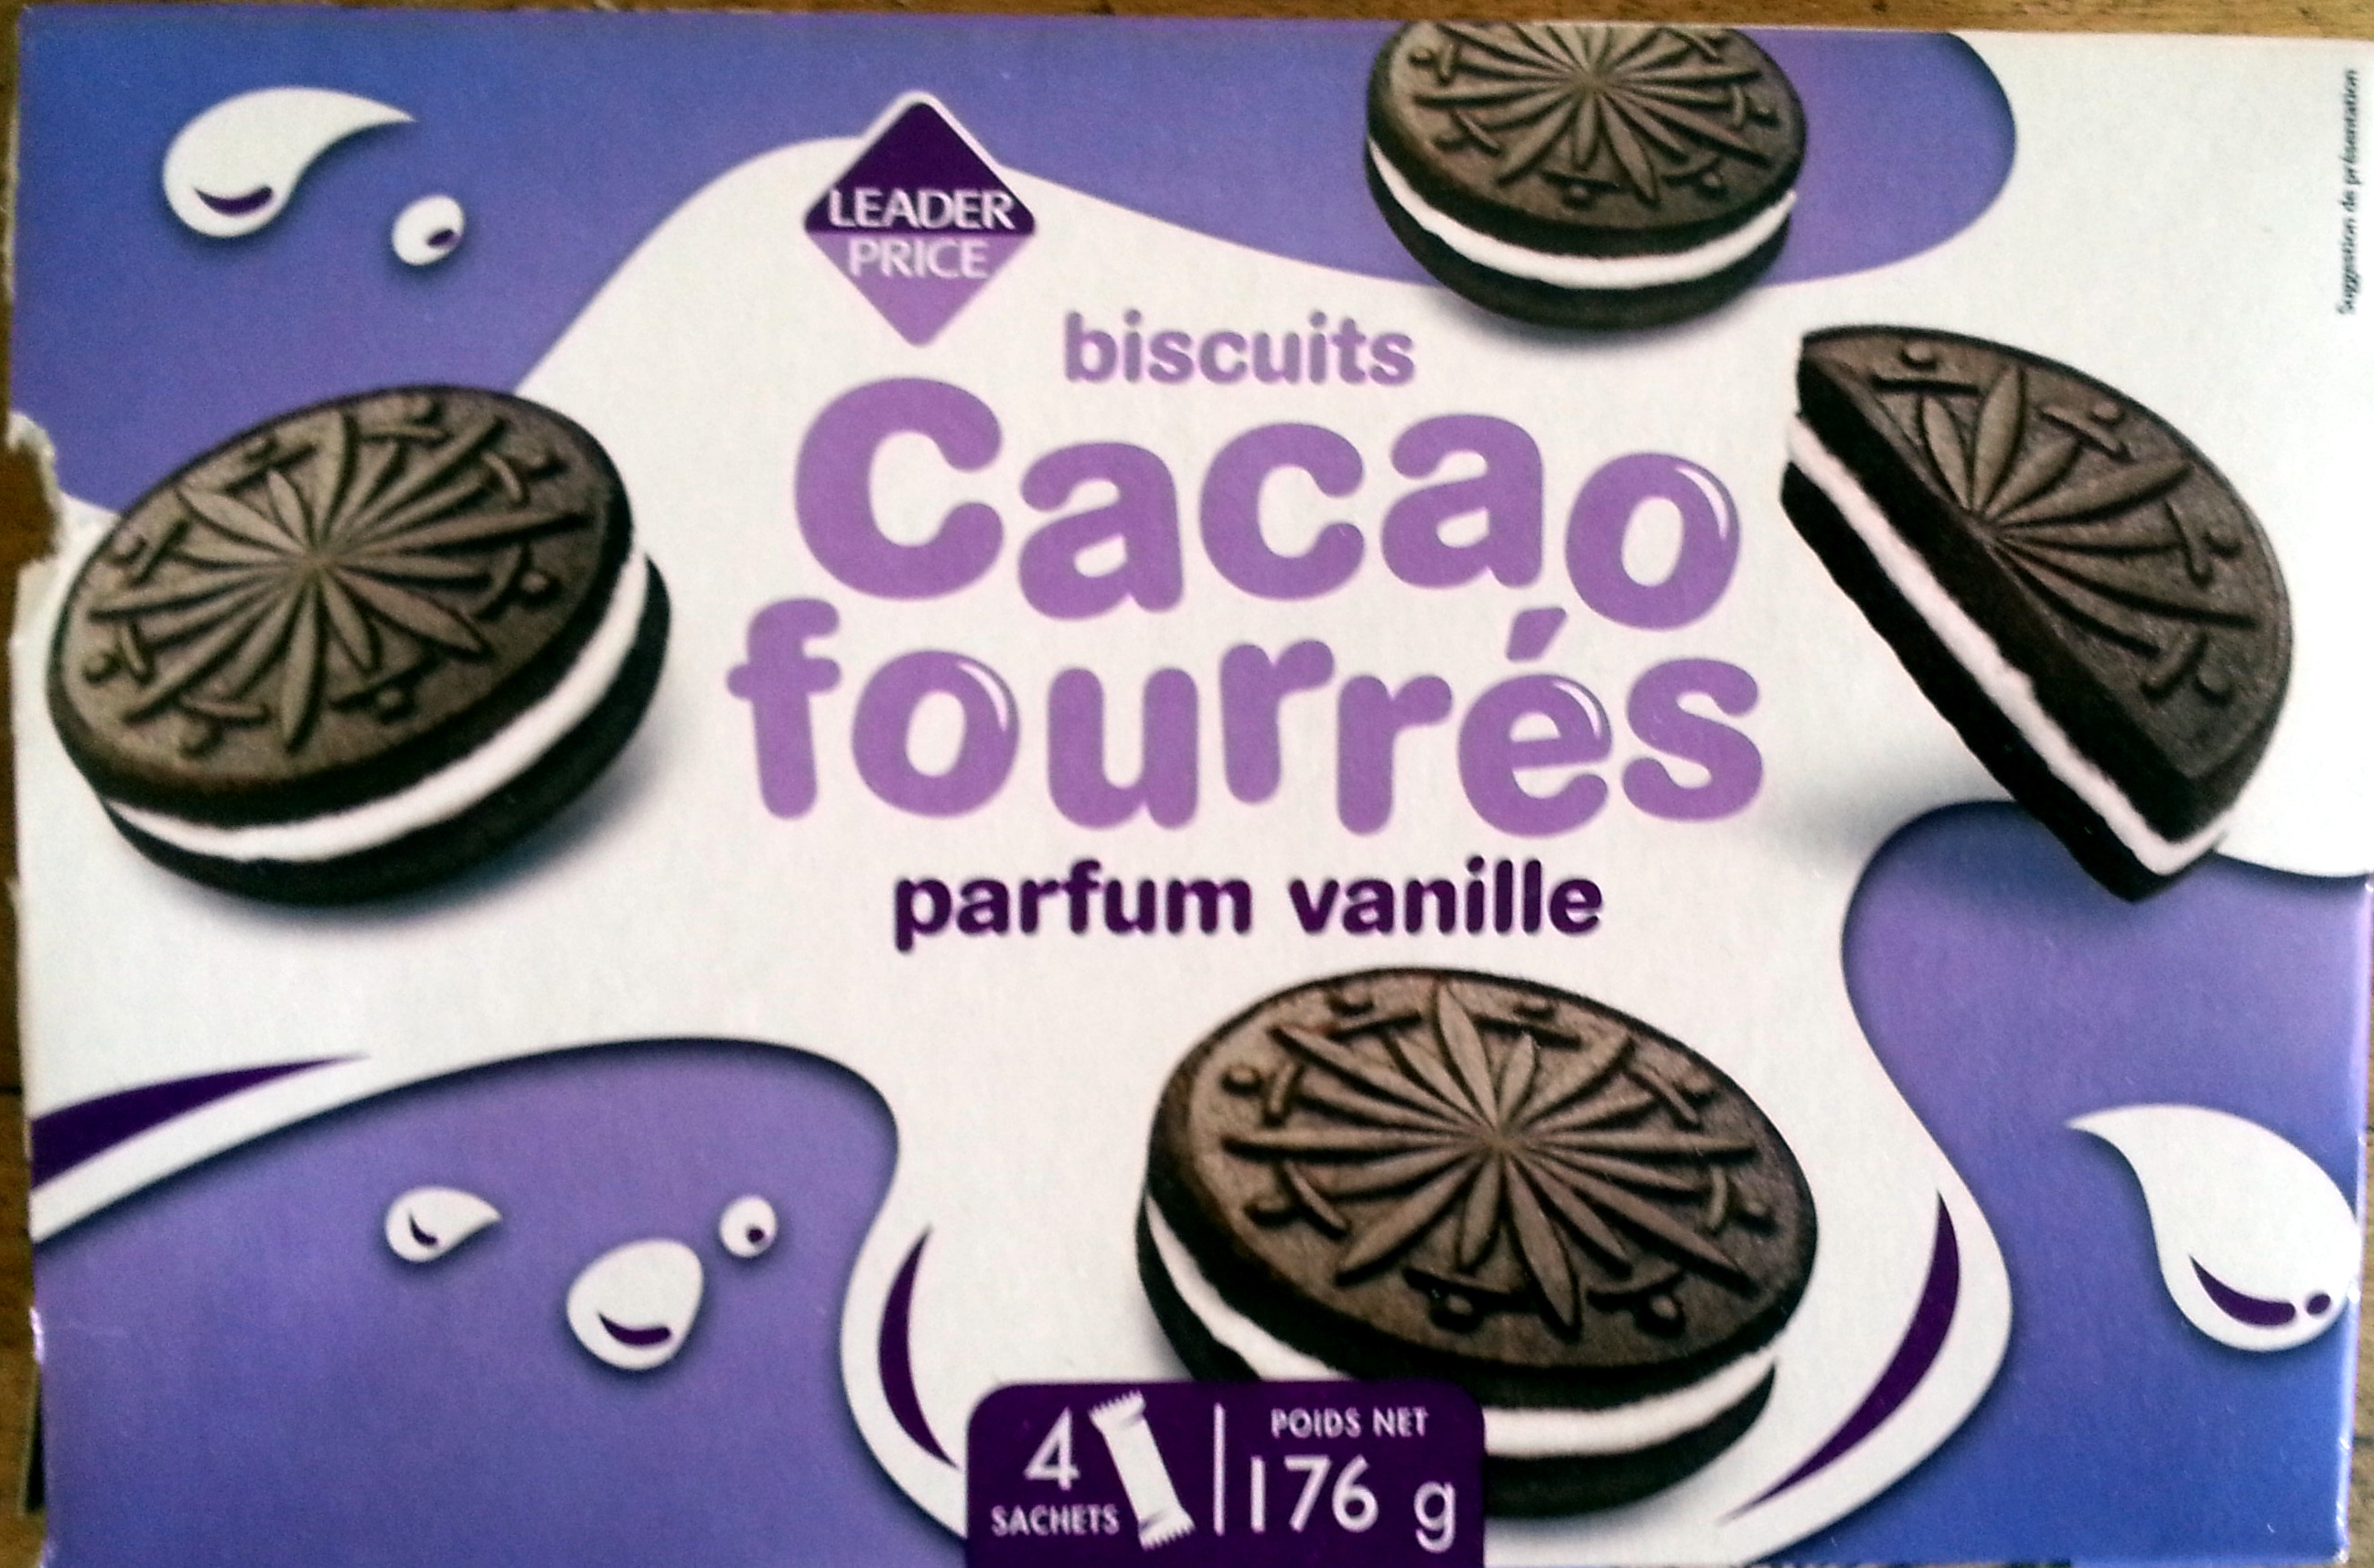 Biscuits Cacao fourrés parfum vanille - Product - fr